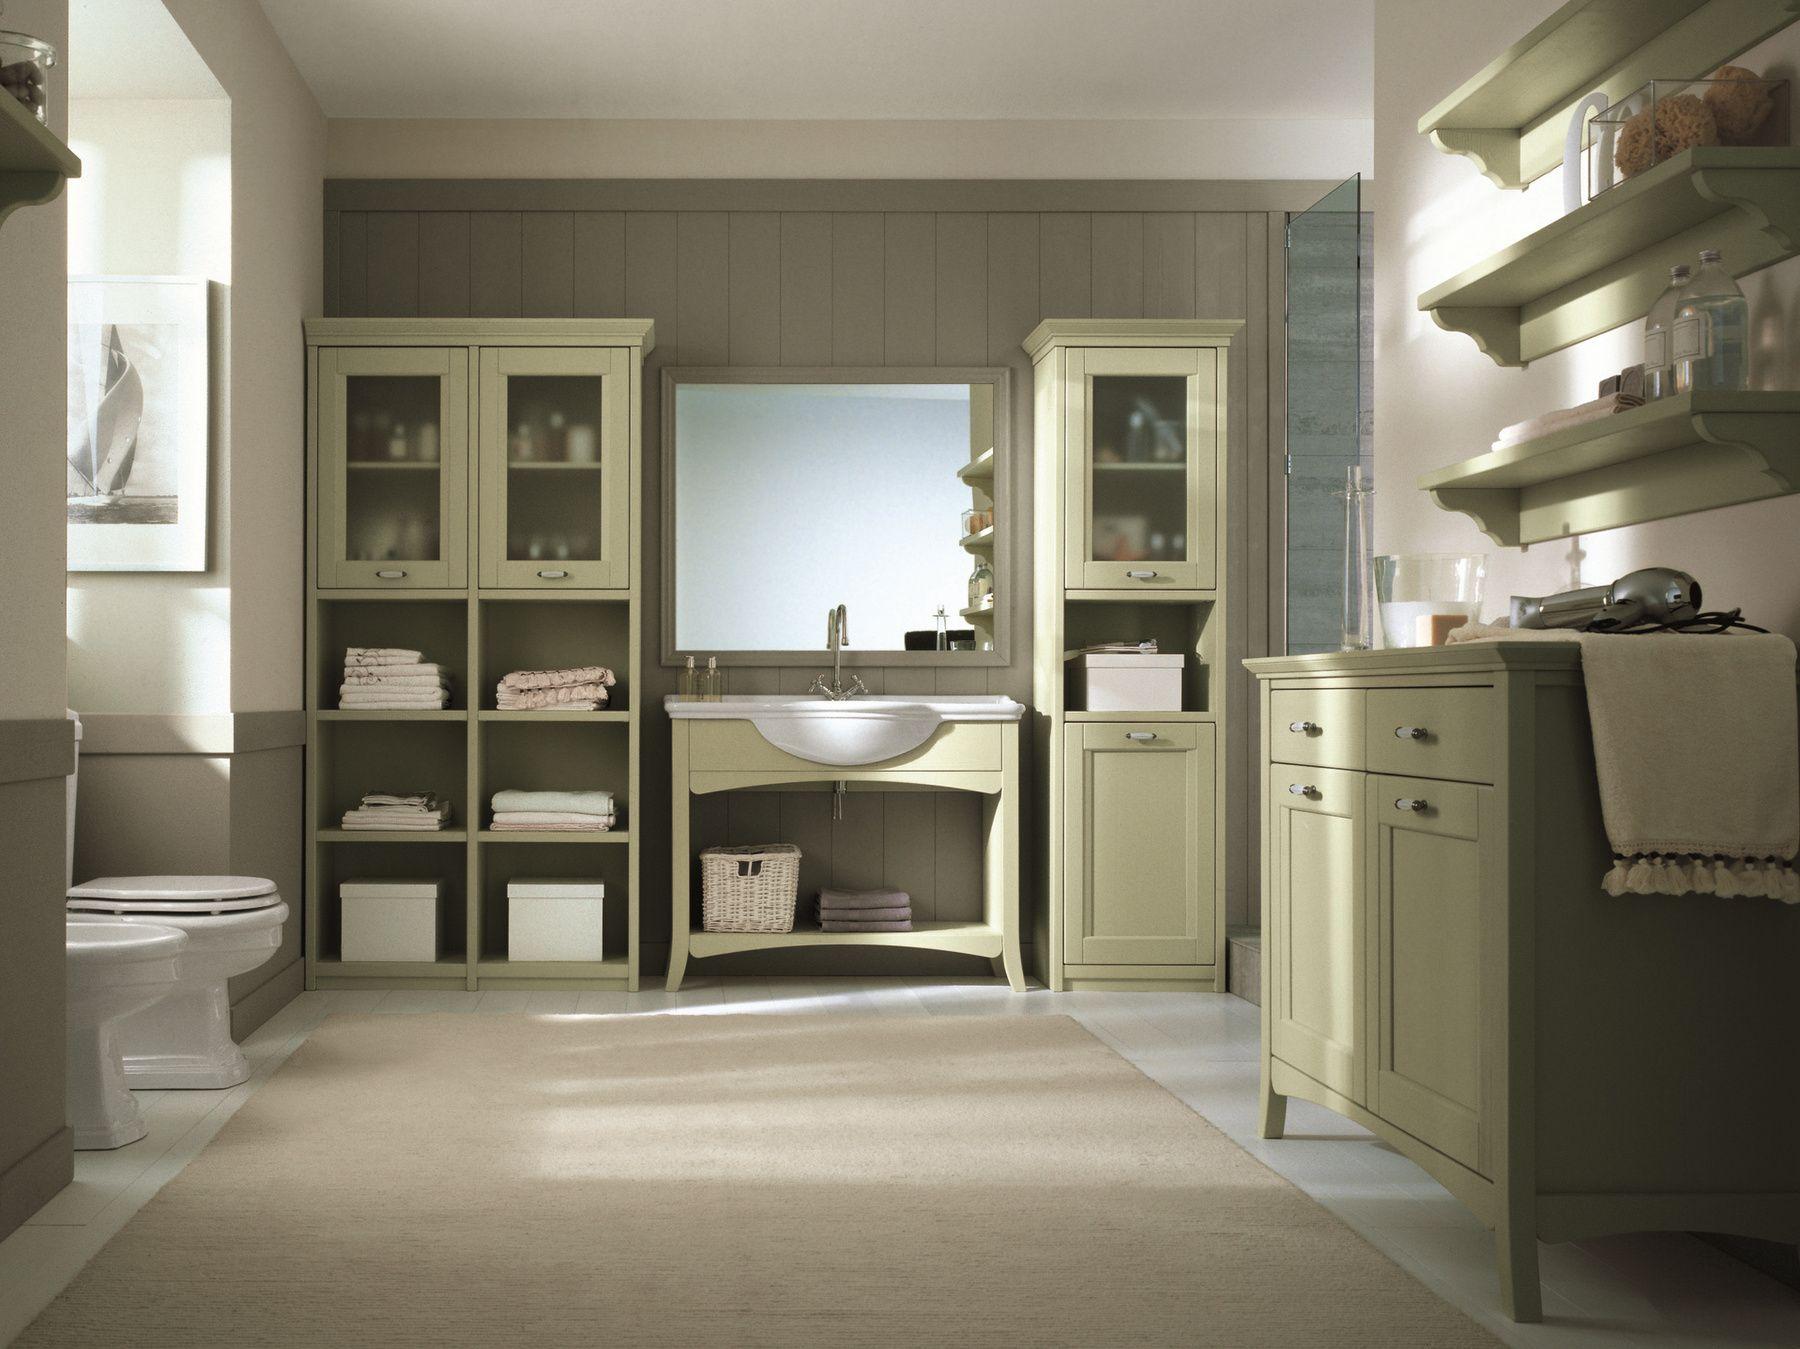 Arredo bagno completo in legno massello nuovo mondo n18 by for Arredo bagno in legno